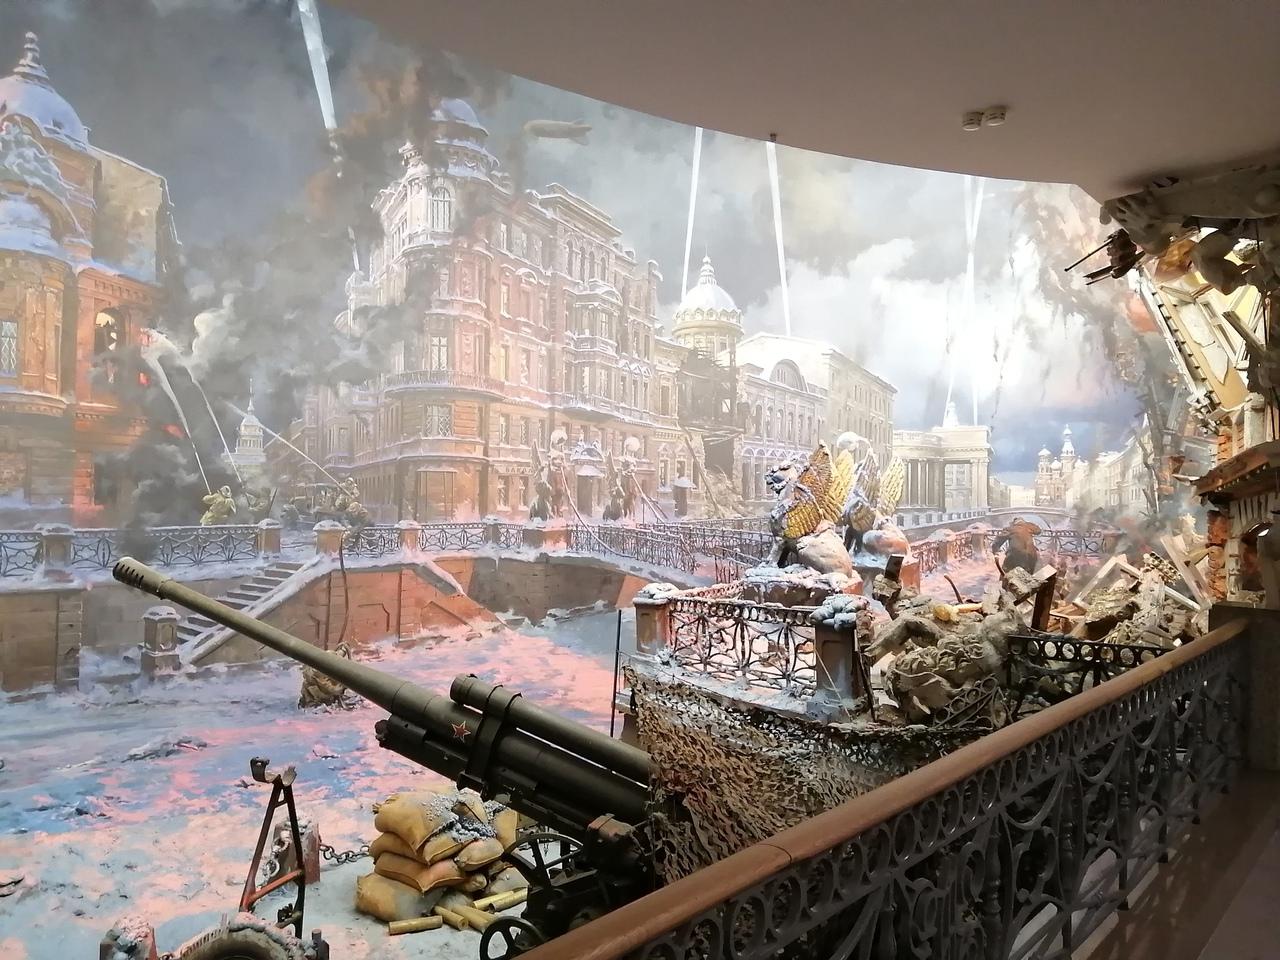 На фото это очевидно, но как только зайдёшь в зал с панорамой, непонятно, где заканчивается скульптура и начинается рисунок.